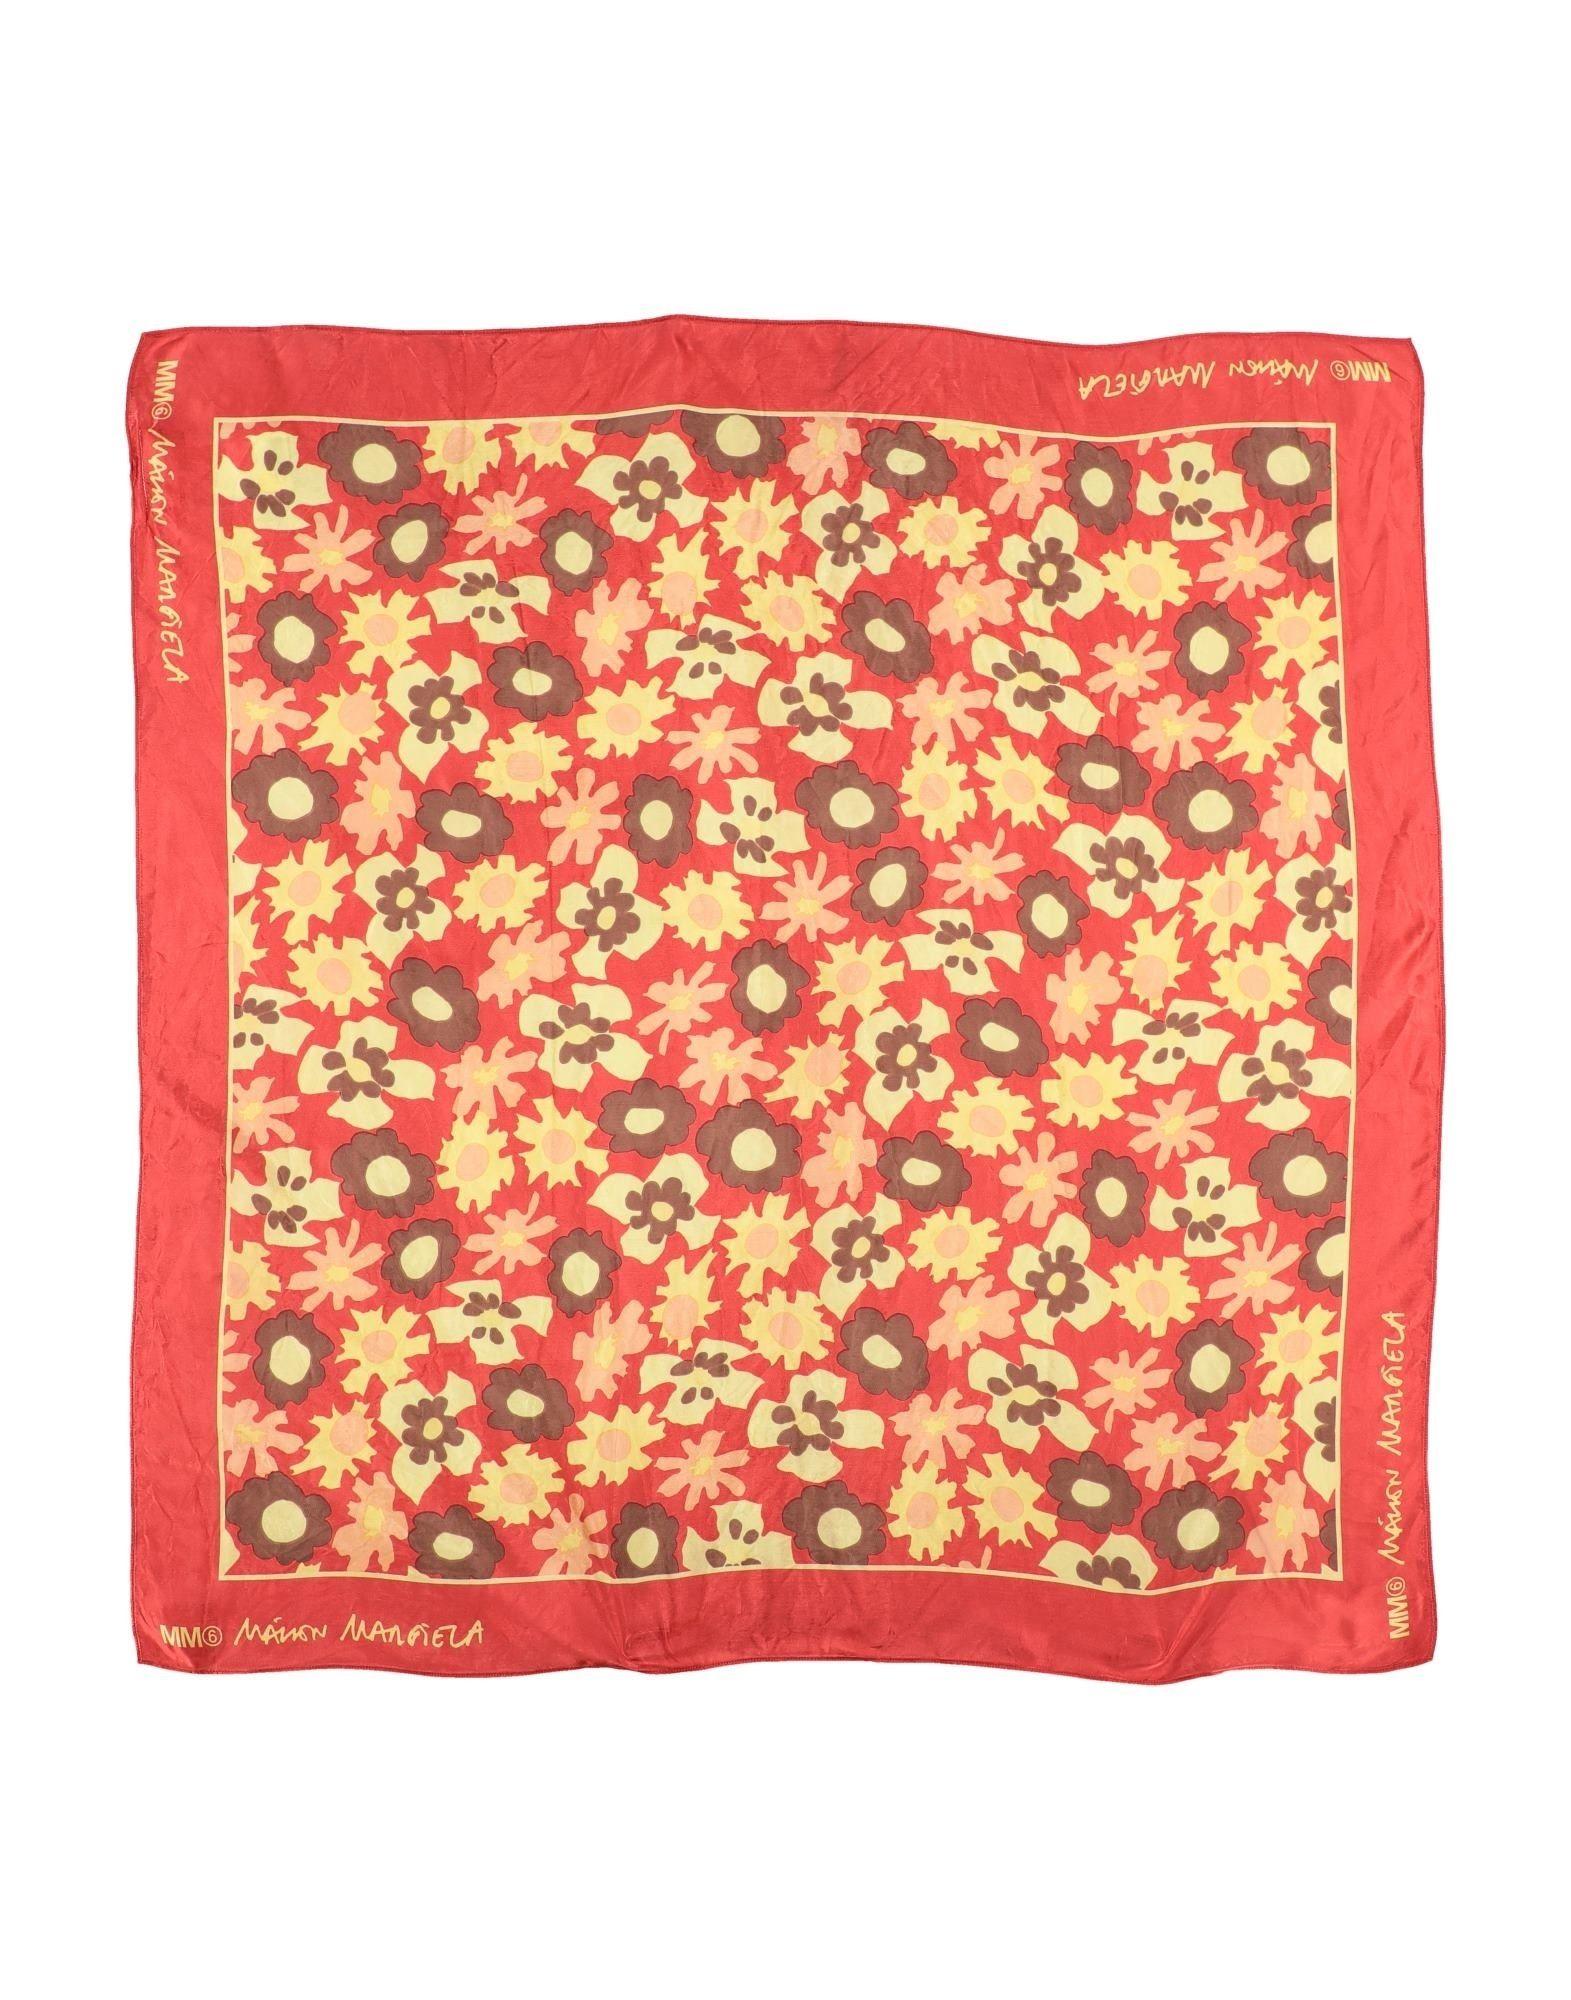 MM6 MAISON MARGIELA Square scarves. satin, no appliqués, floral design. 100% Viscose